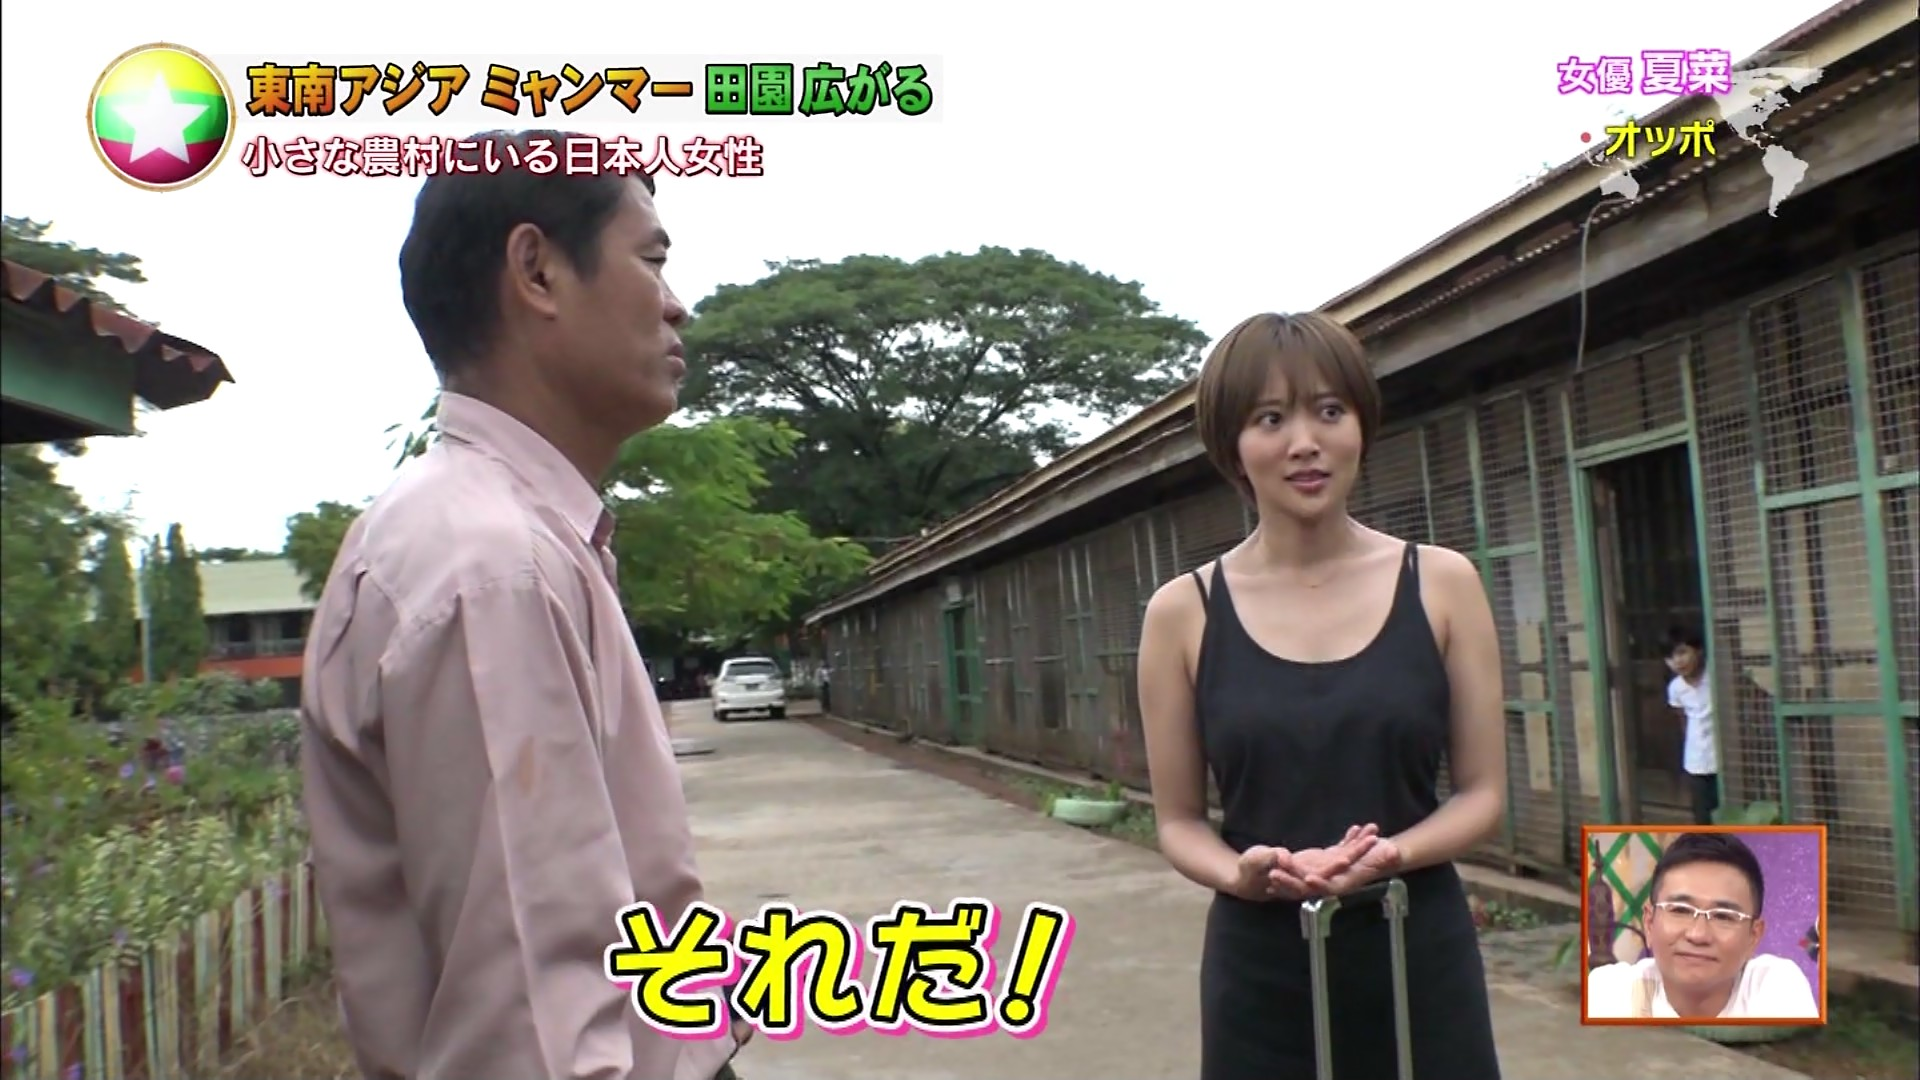 夏菜_着衣巨乳_ノースリーブ_テレビキャプ画像_12